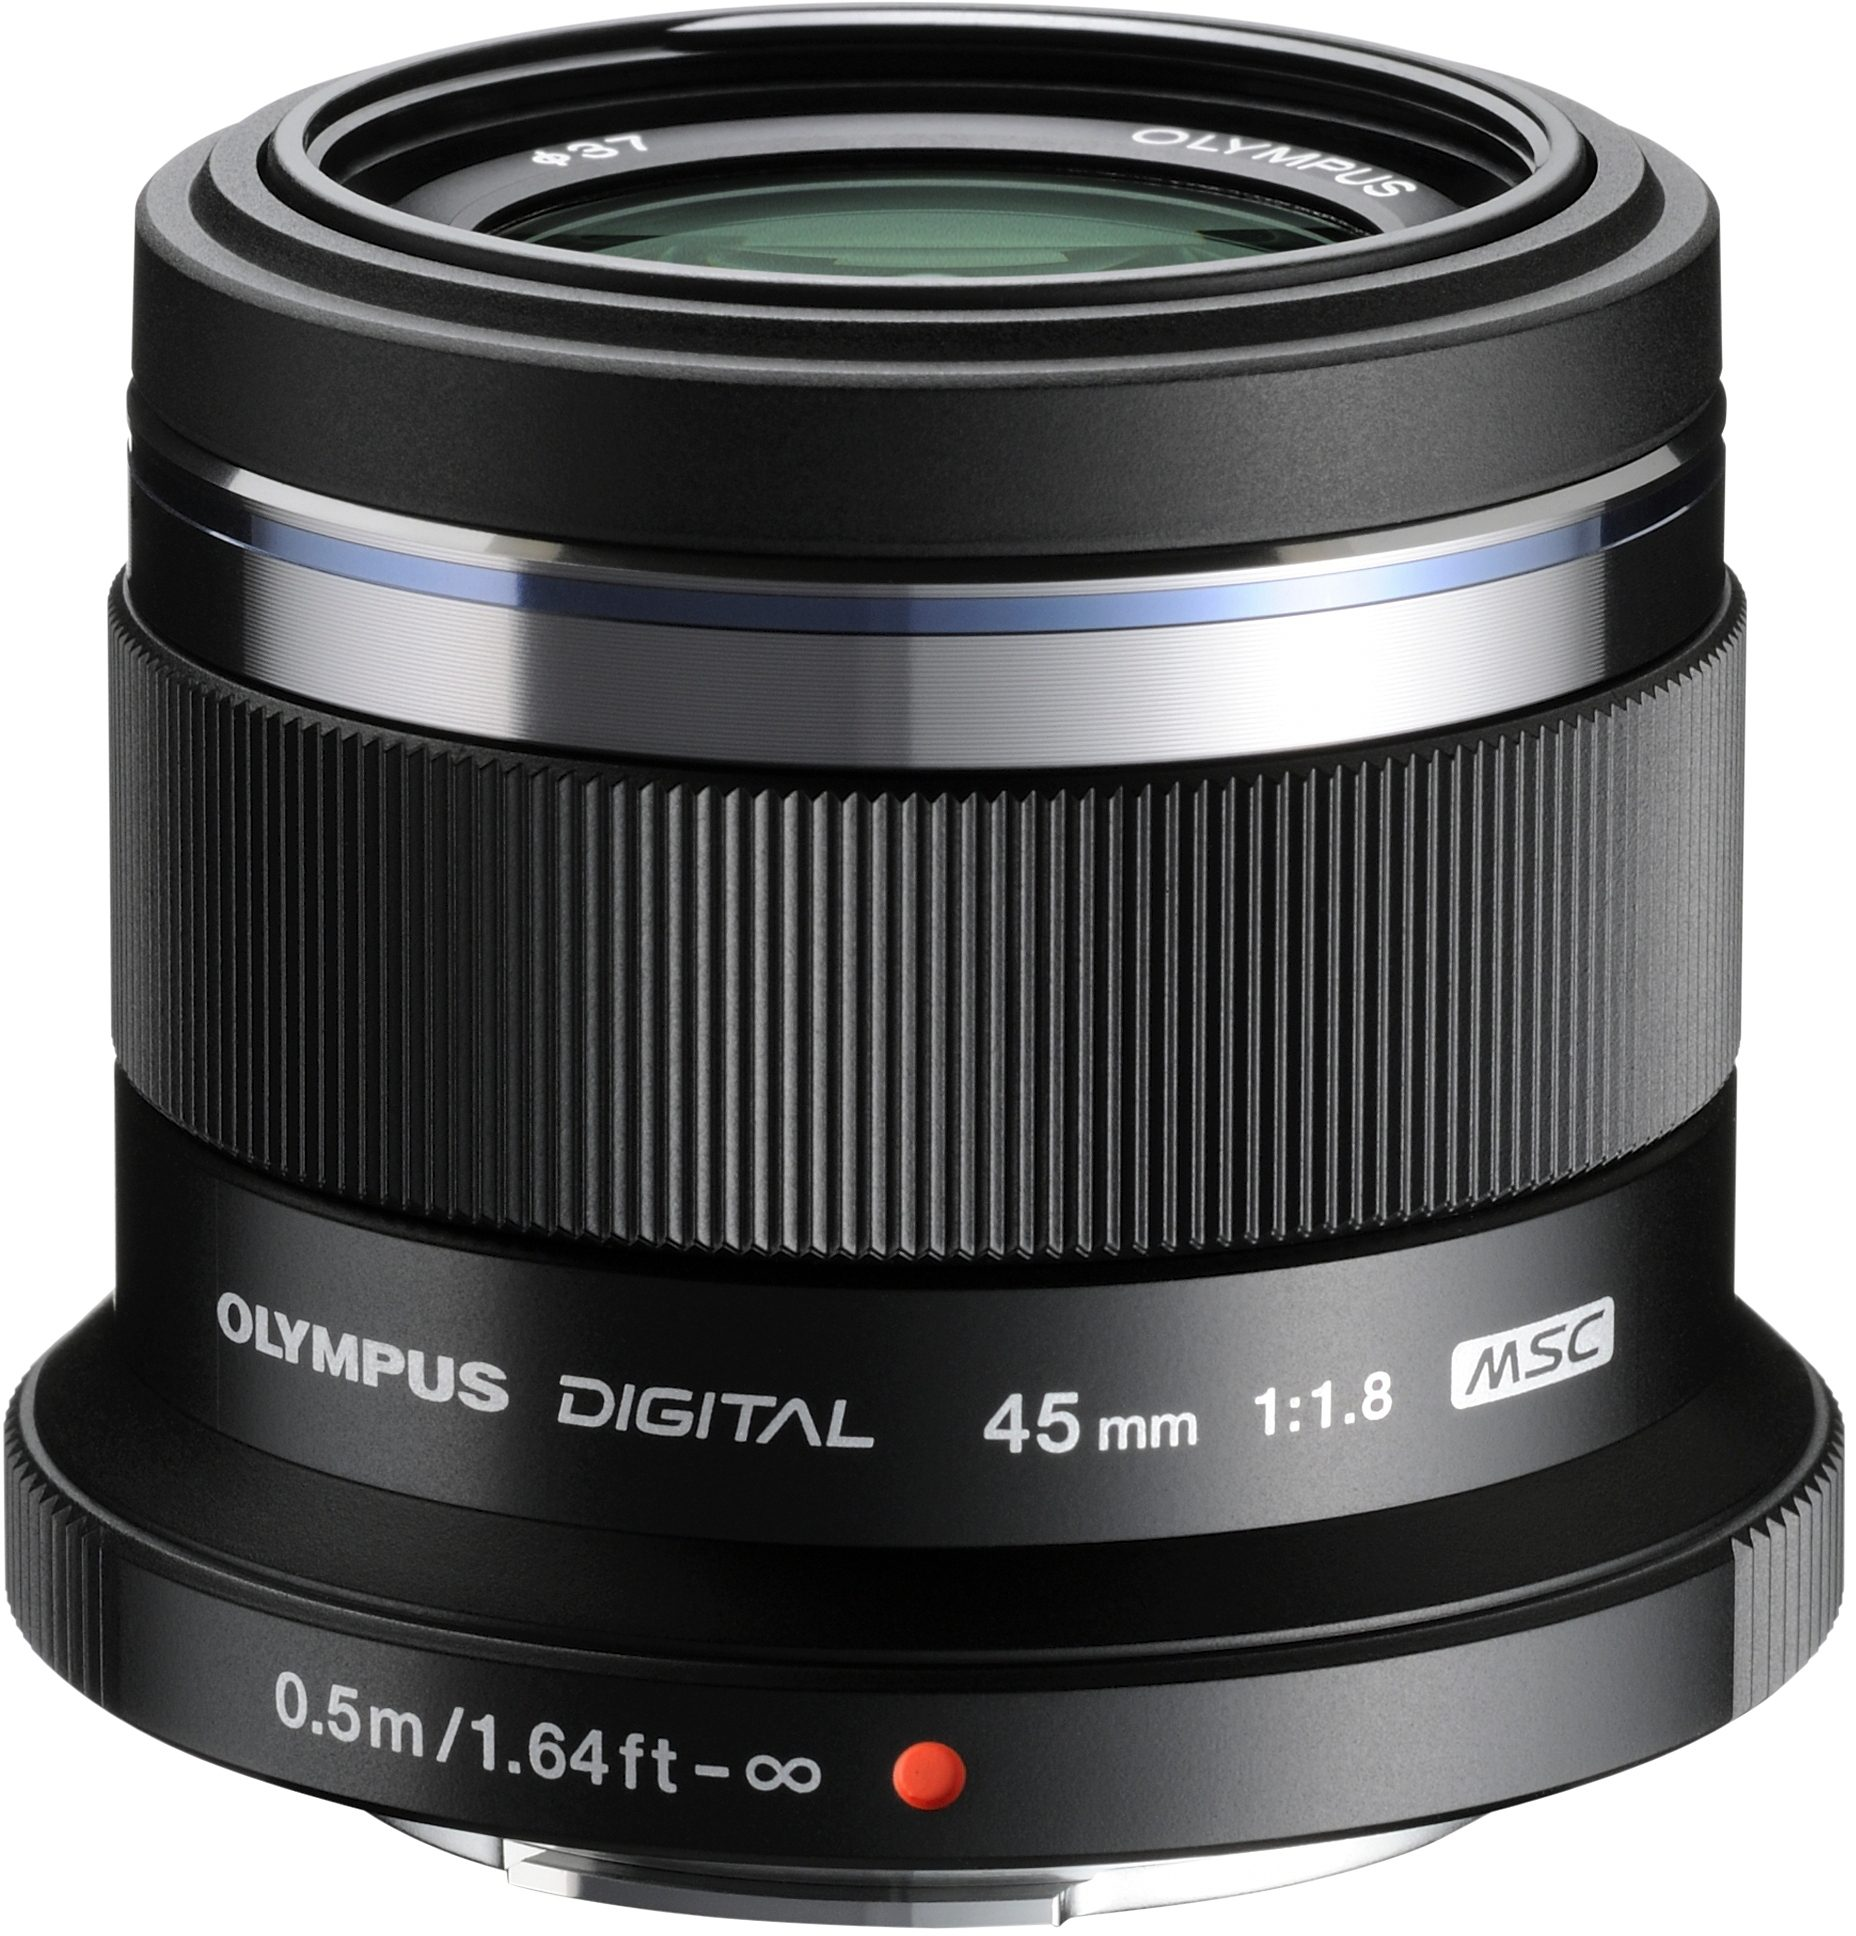 Olympus M.ZUIKO DIGITAL 45mm 1:1.8 Festbrennweite Objektiv